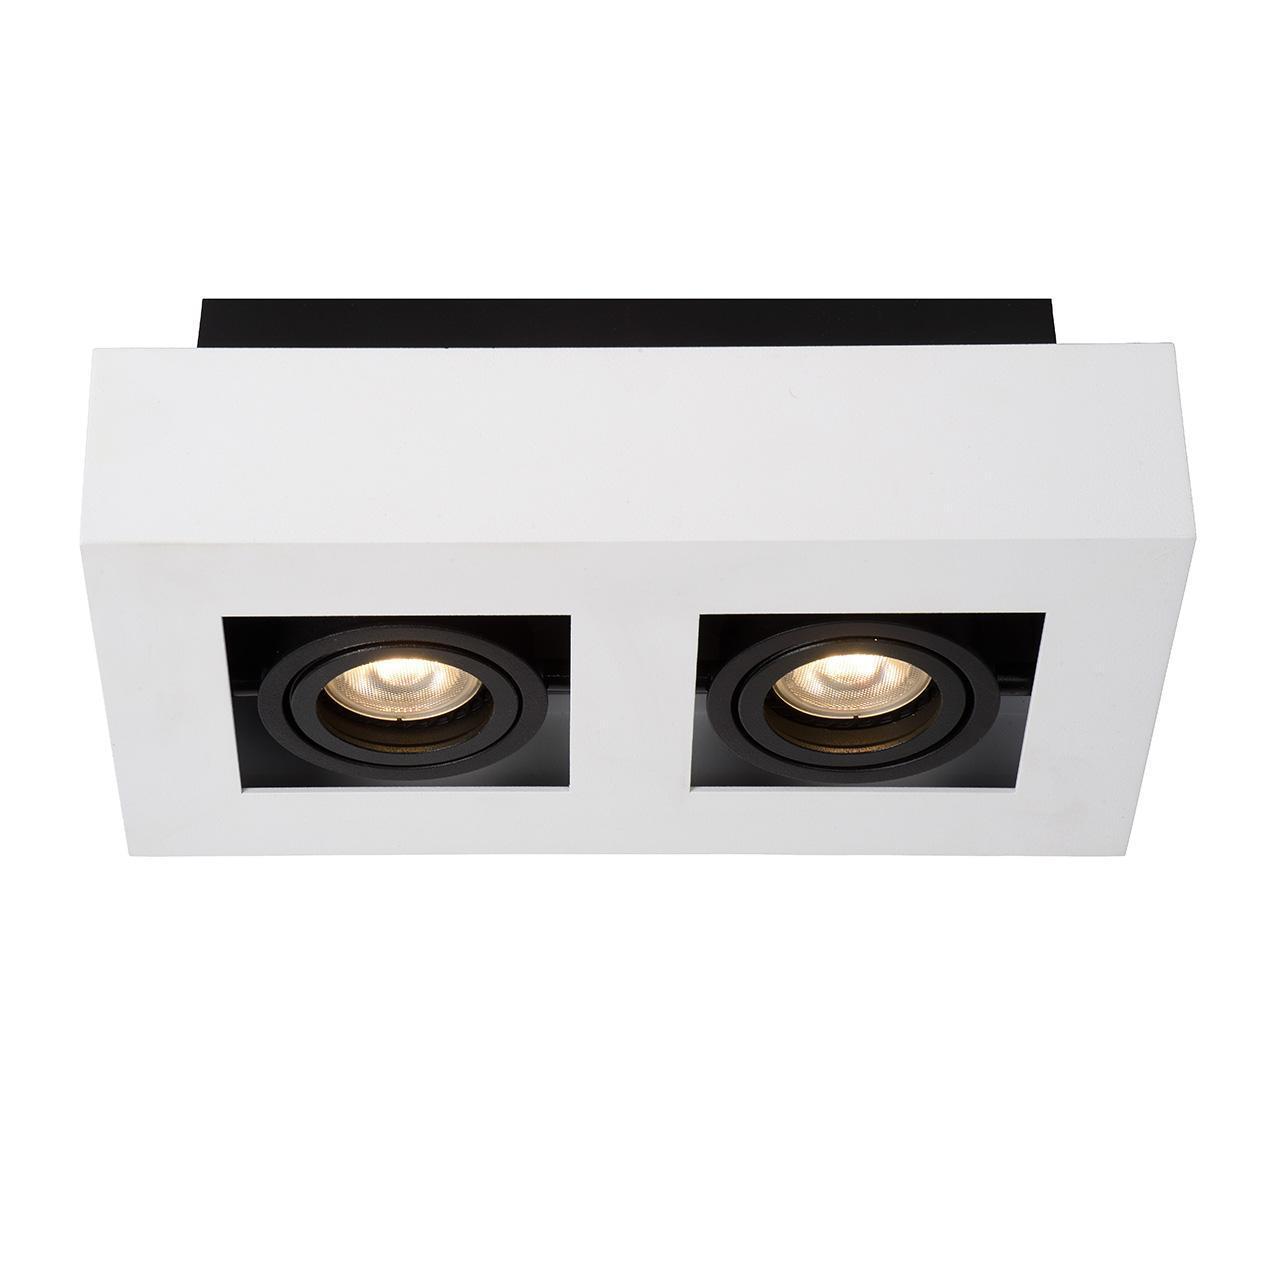 Потолочный светодиодный светильник Lucide Xirax 09119/10/31 цена